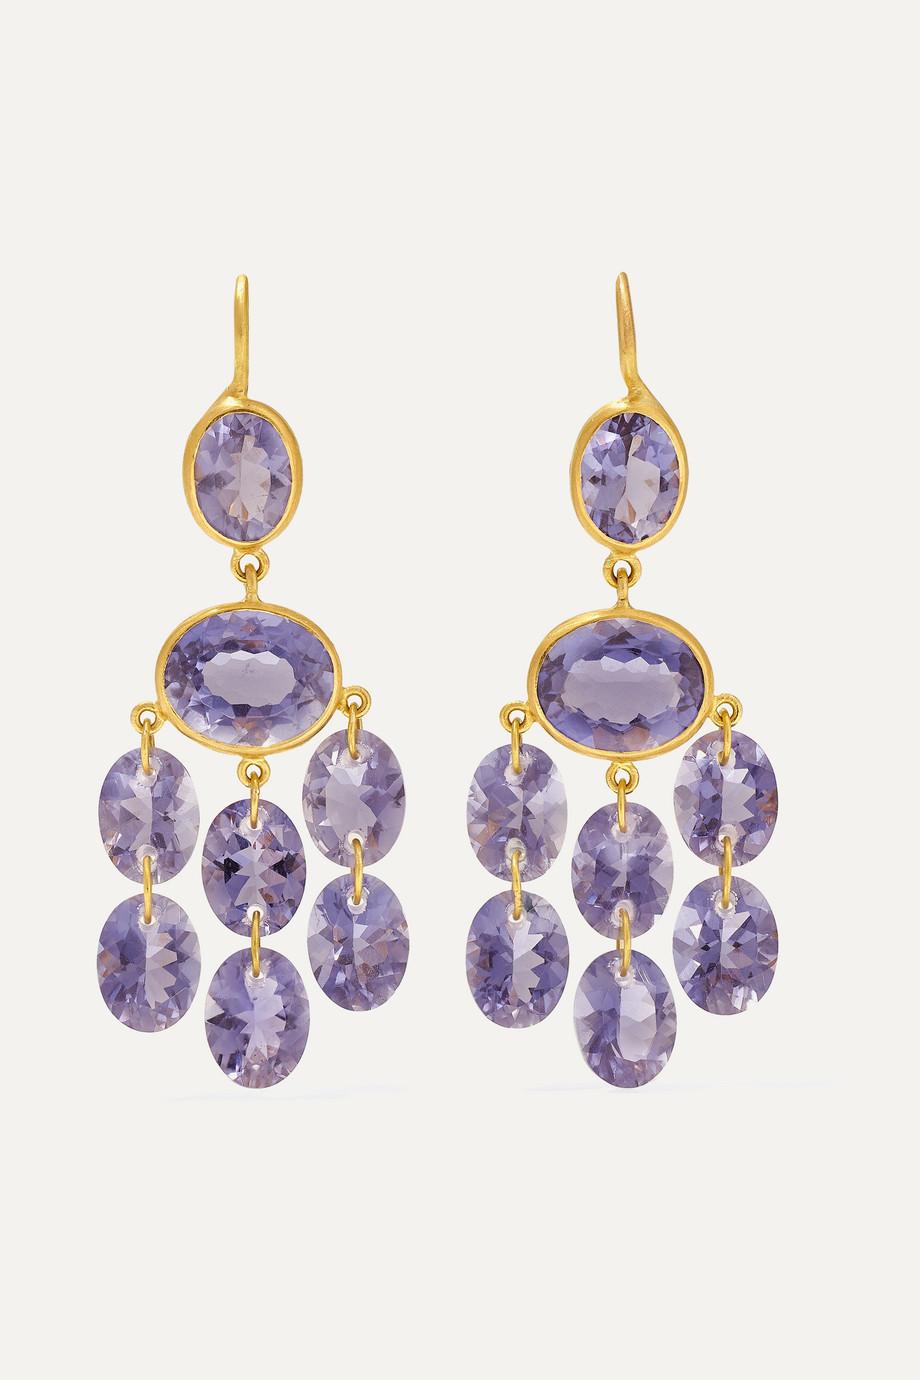 Marie-Hélène de Taillac Precious Chandeliers 18-karat gold iolite earrings